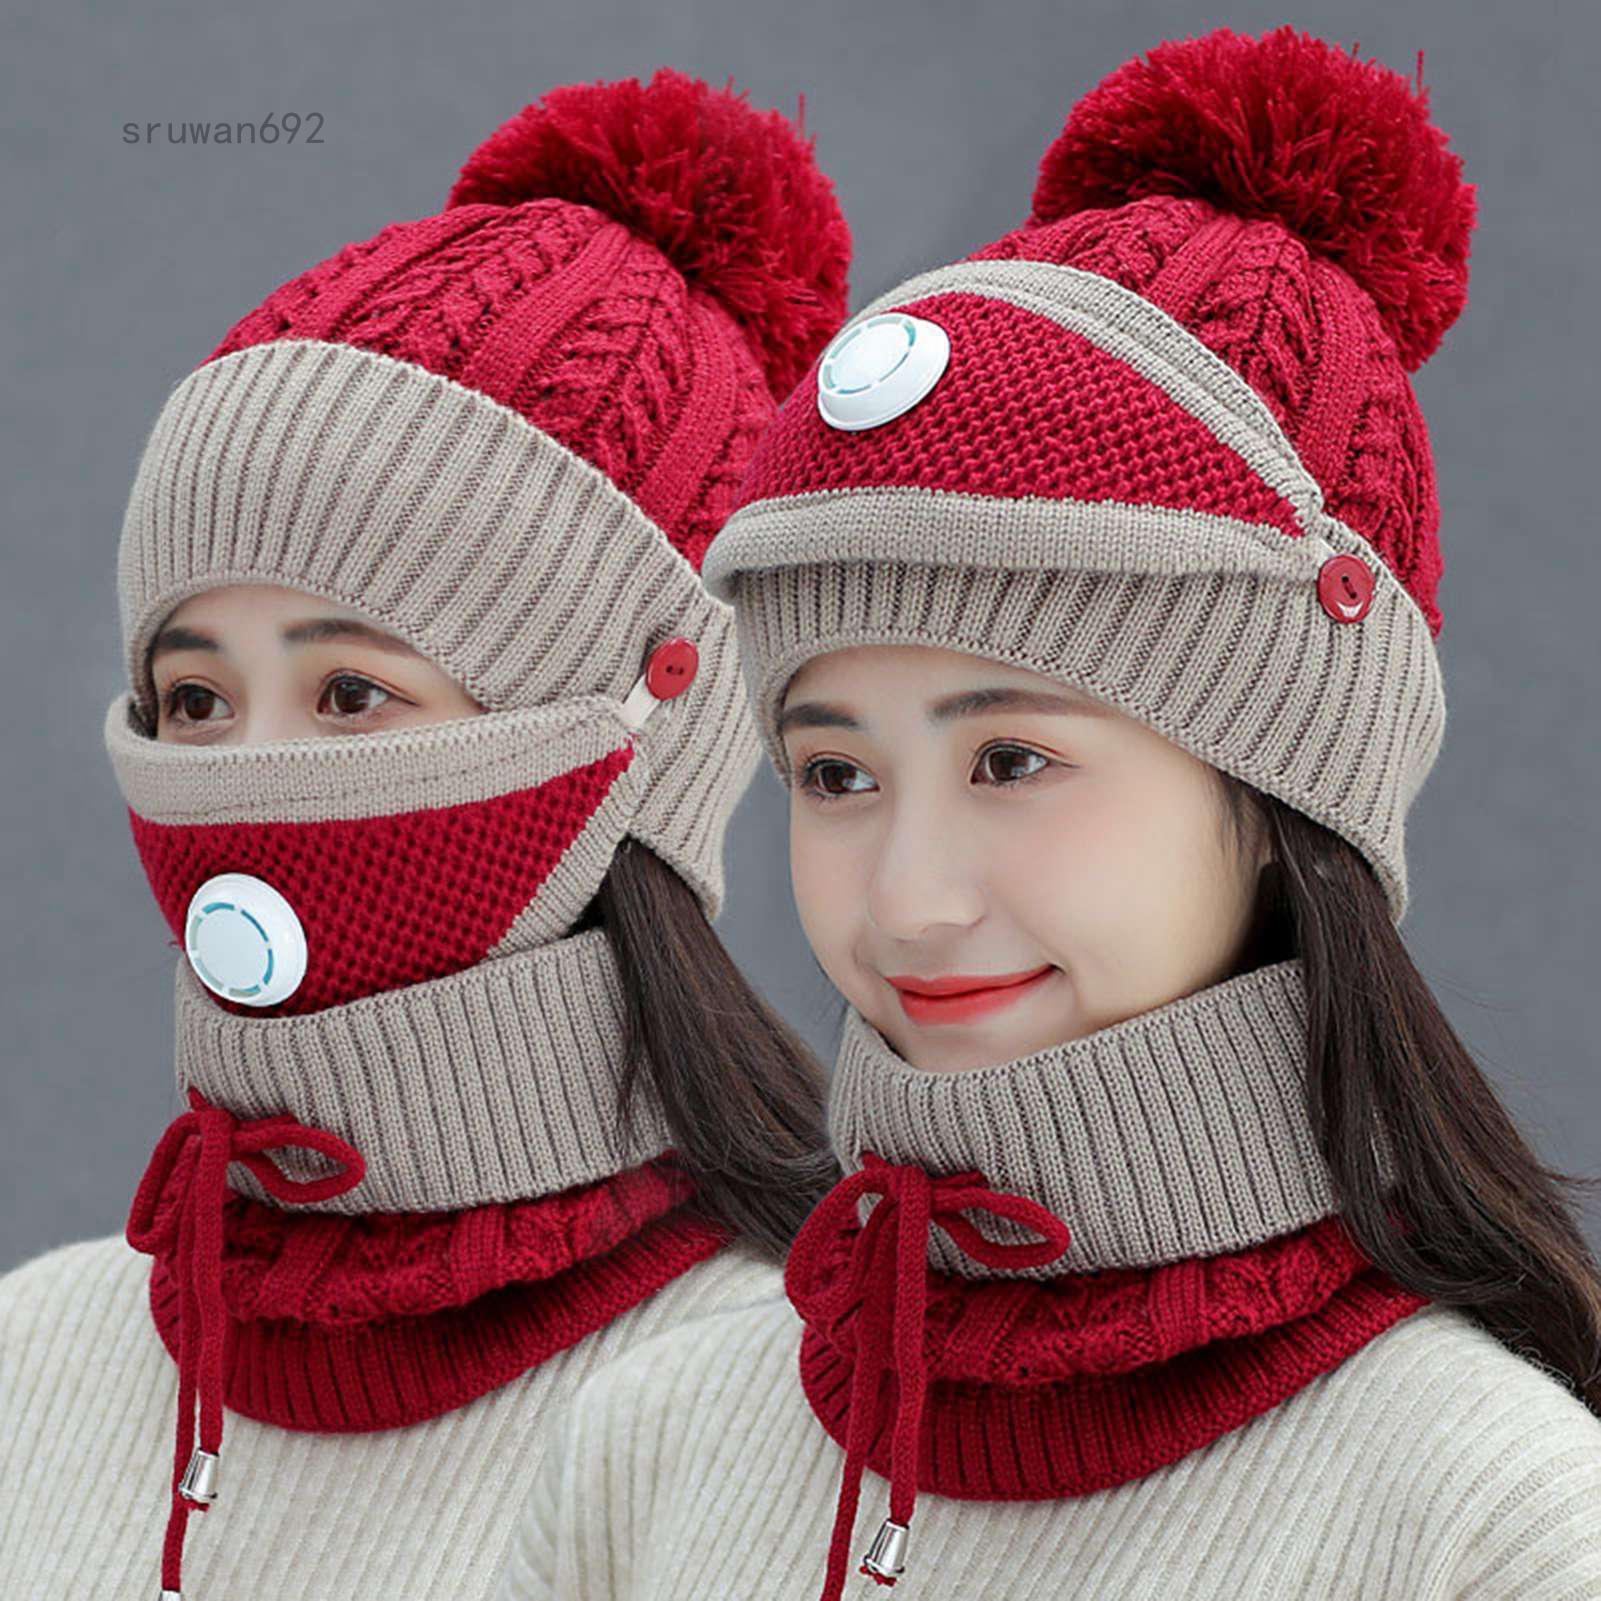 3 Cái/bộ Thời Trang Mùa Đông Cho Nữ Mũ Len Mũ Dệt Kim Len Dày Cap Với Bịt Mặt Giữ Ấm Và Khăn Quàng Cổ